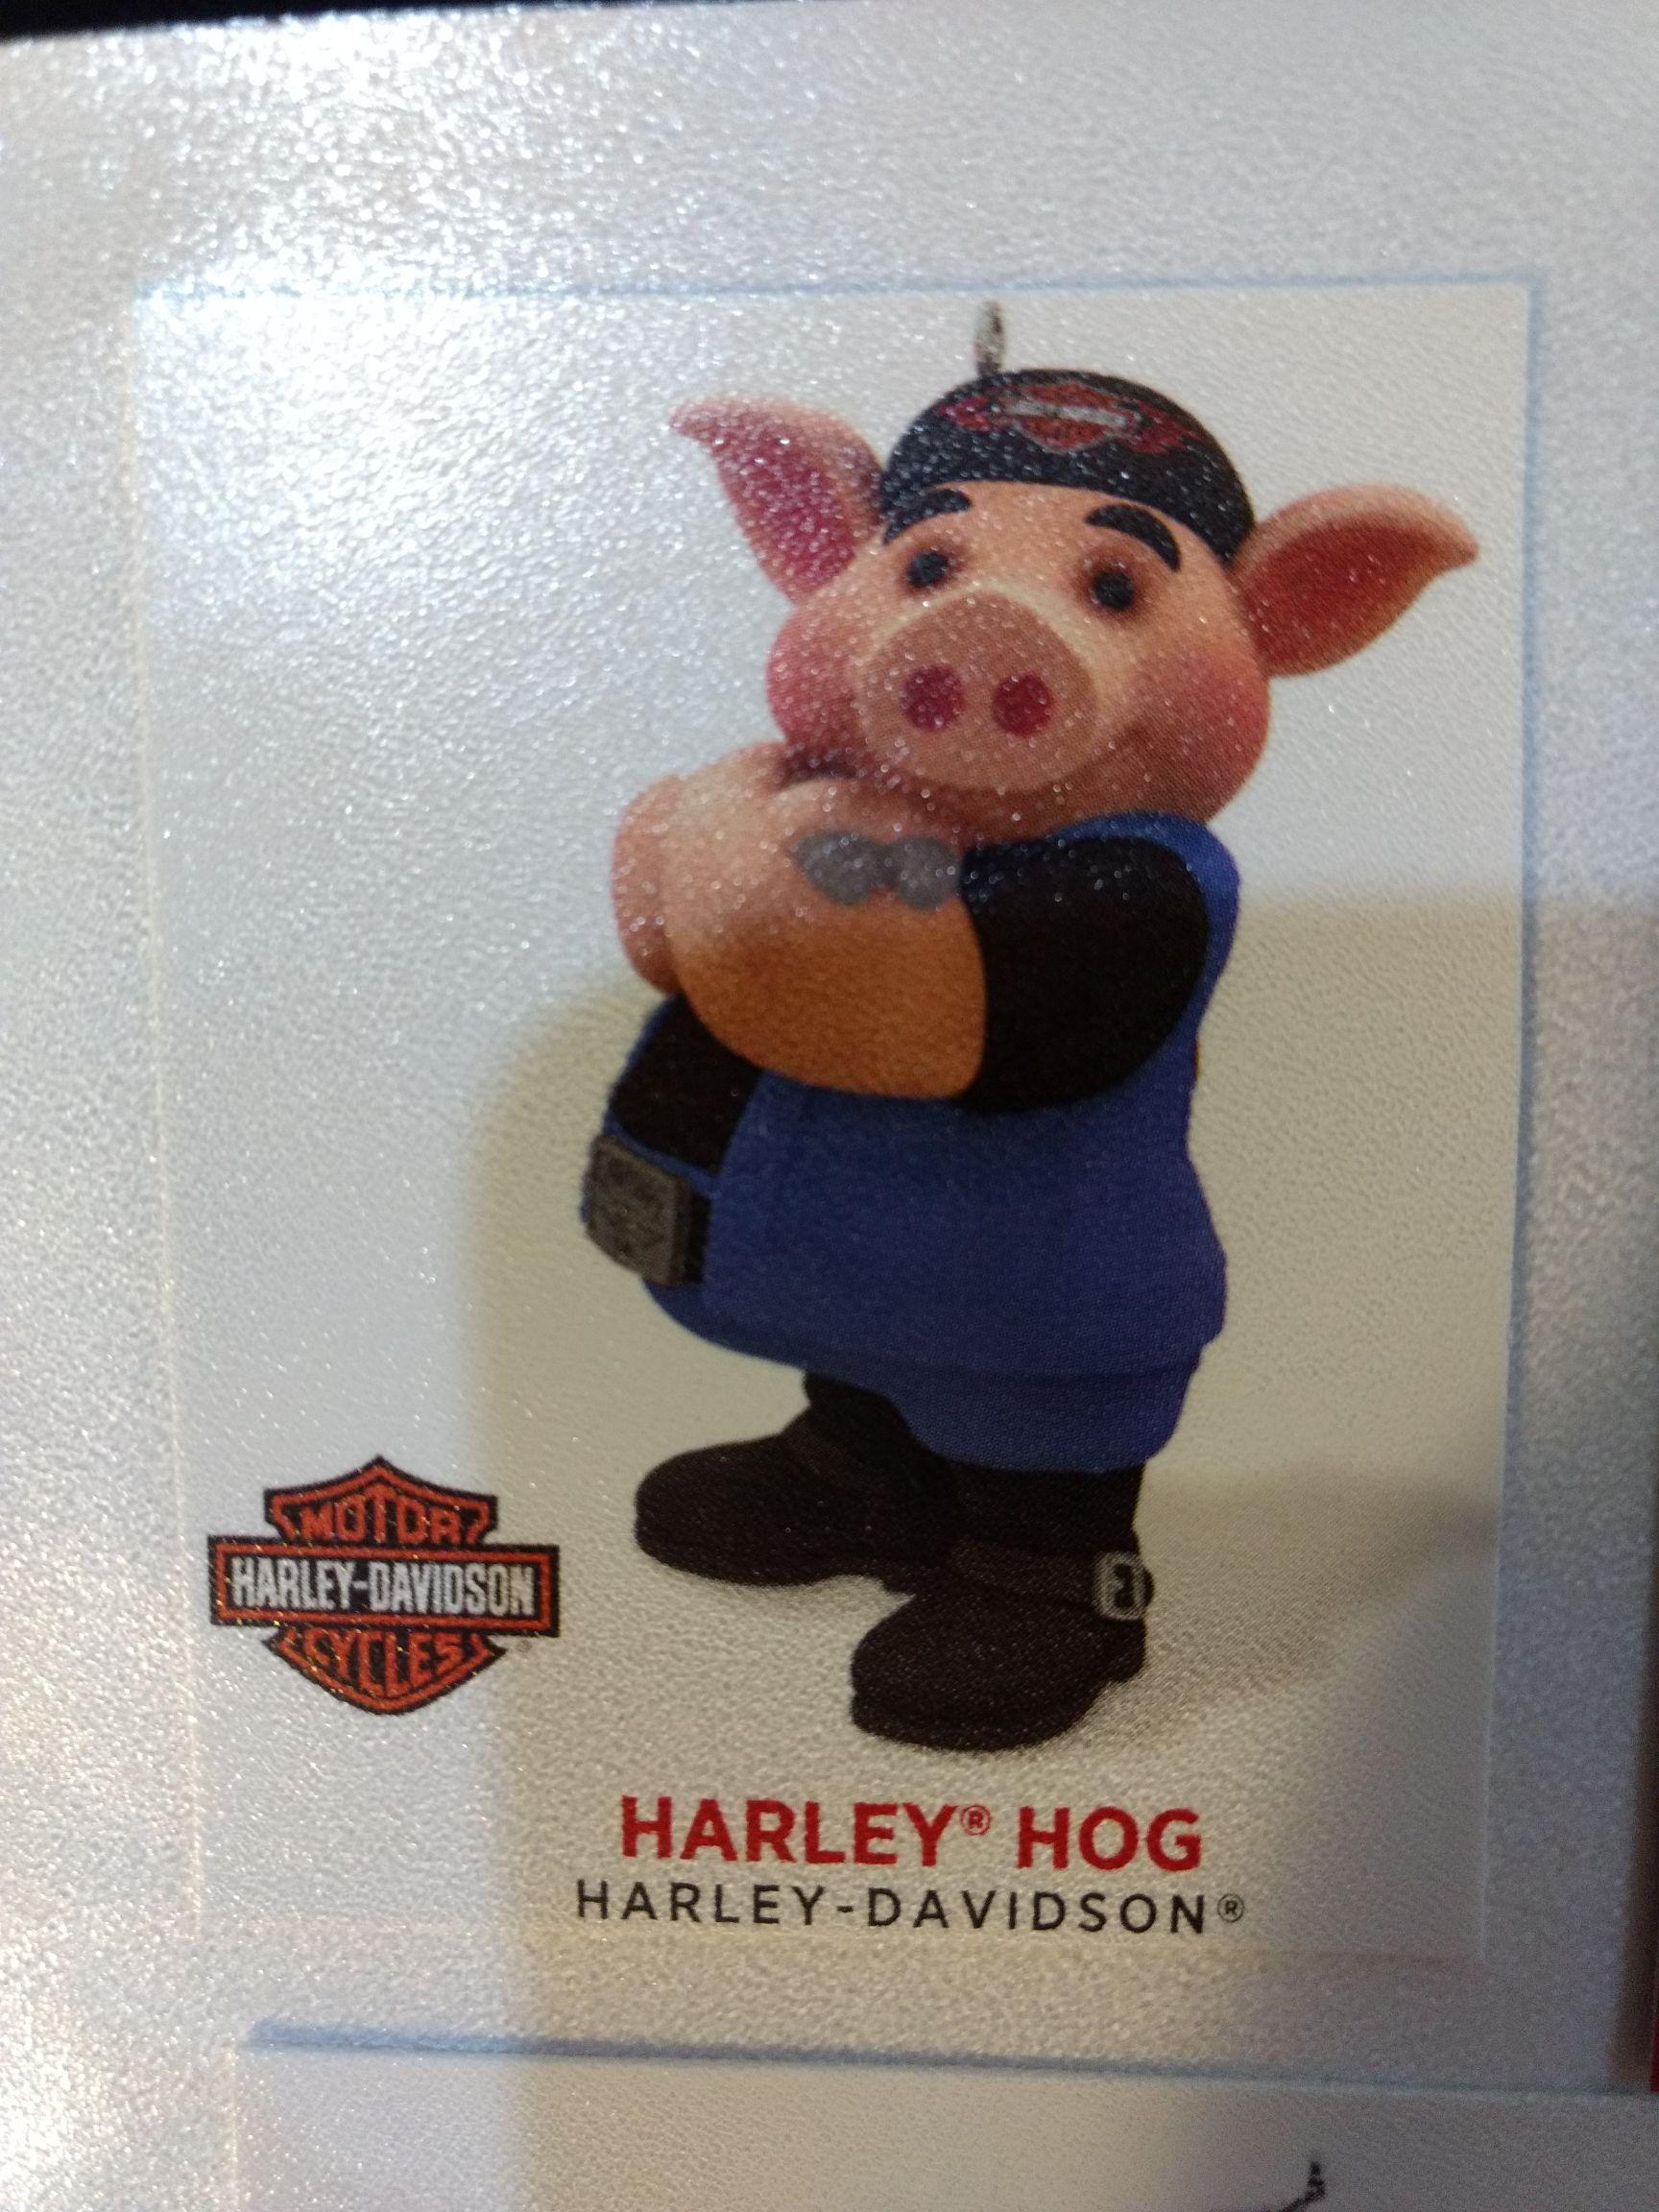 Harley Davidson - Harley Pig Ornament - Hallmark front image (front cover)